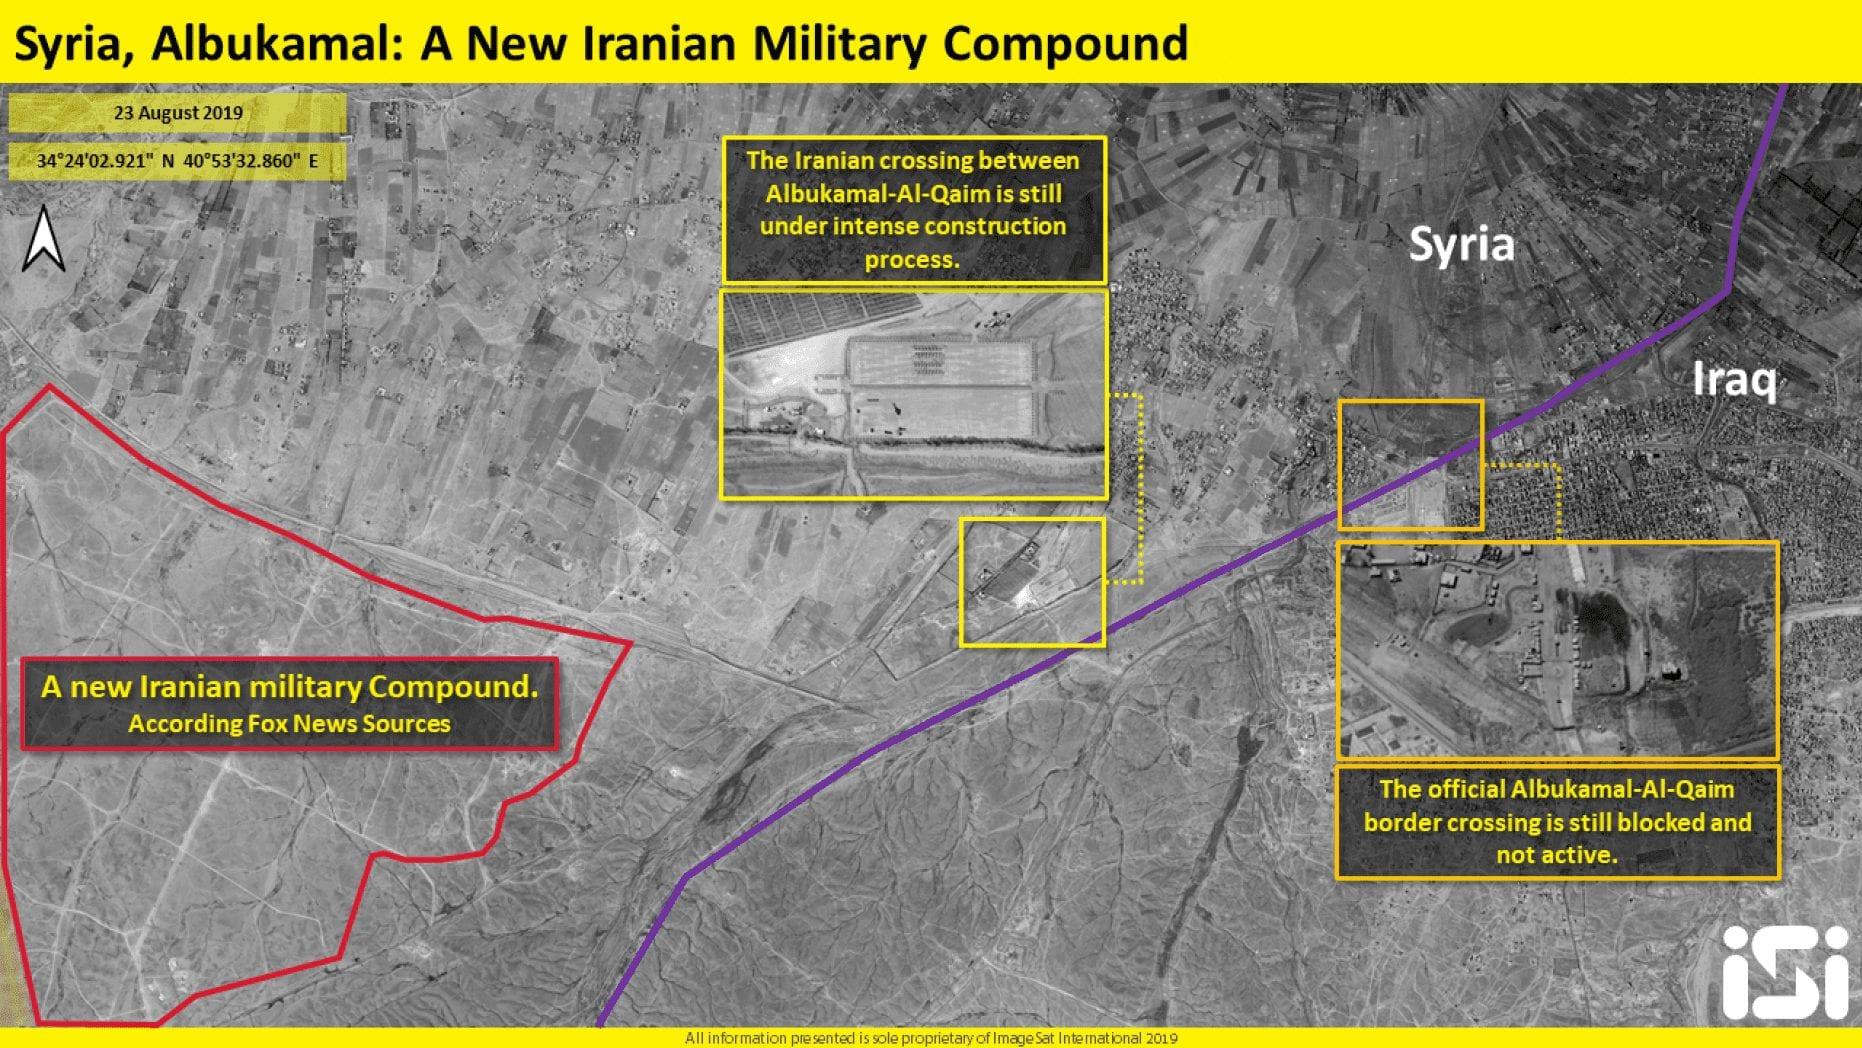 """قاعدة «الإمام علي» في سوريا: إيران تصرّ على تعميرها وطيران """"مجهول"""" يحاول تدميرها"""